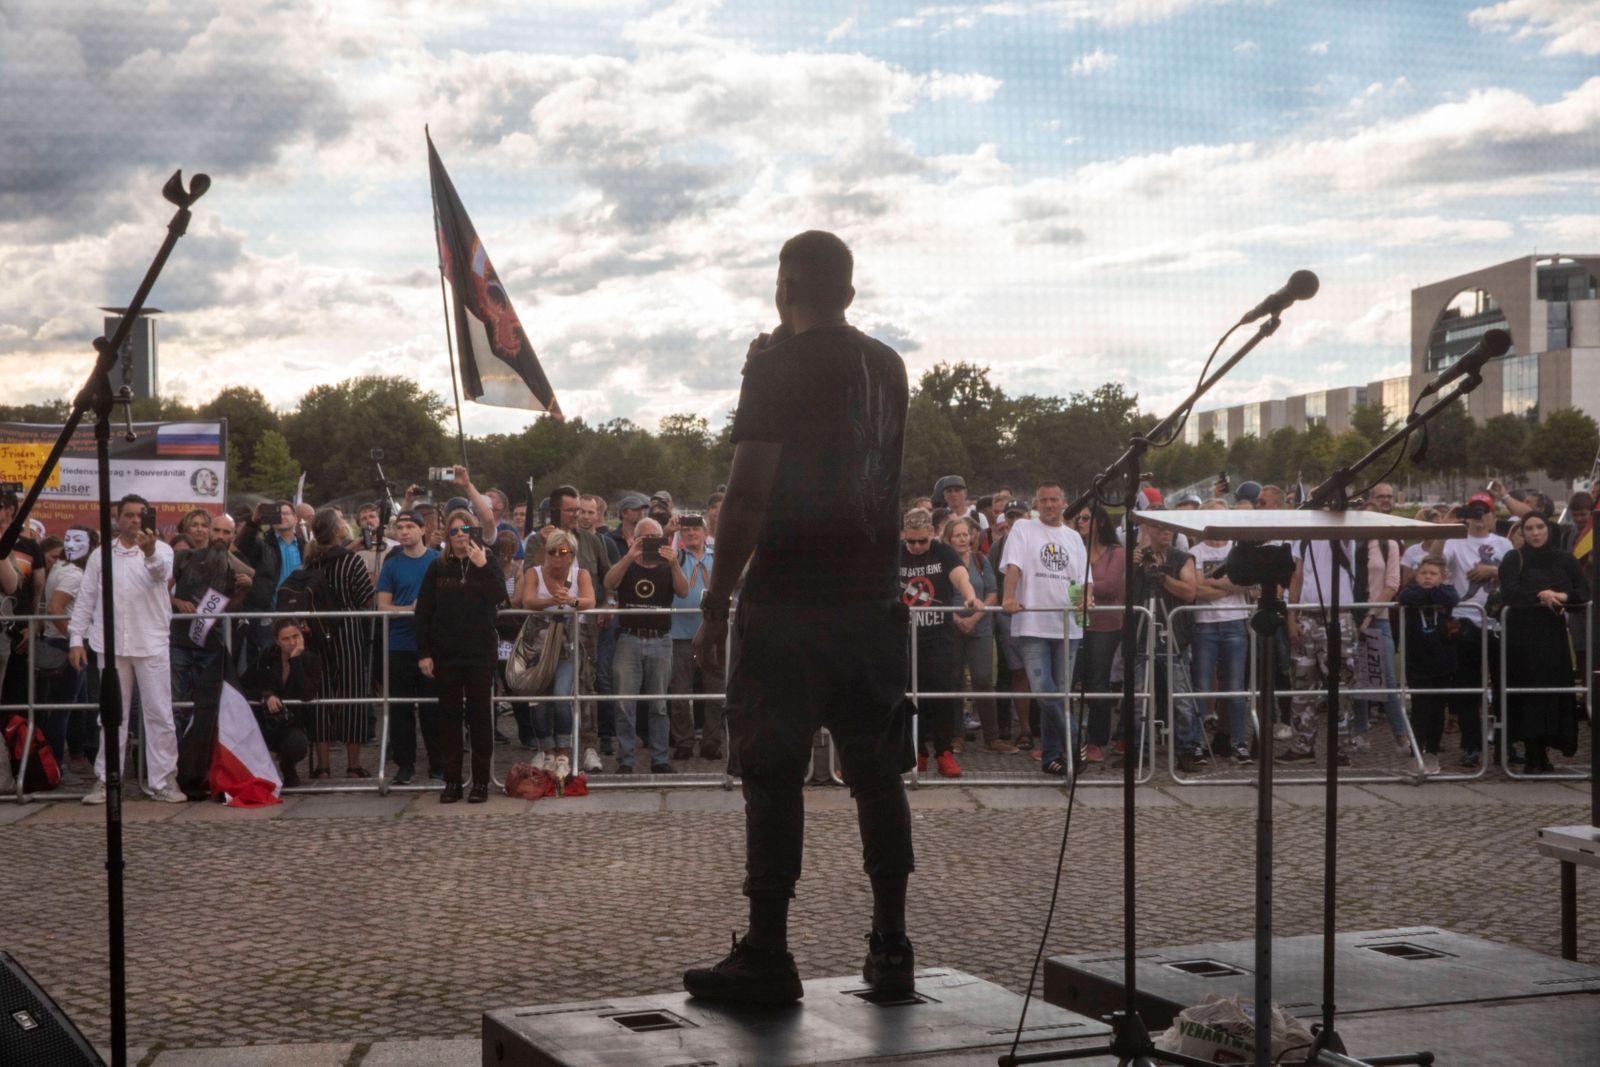 Deutschland, Berlin, Reichstag, Anti Corona Demonstration, Attila Hildmann, 29.08.2020 *** Germany, Berlin, Reichstag,